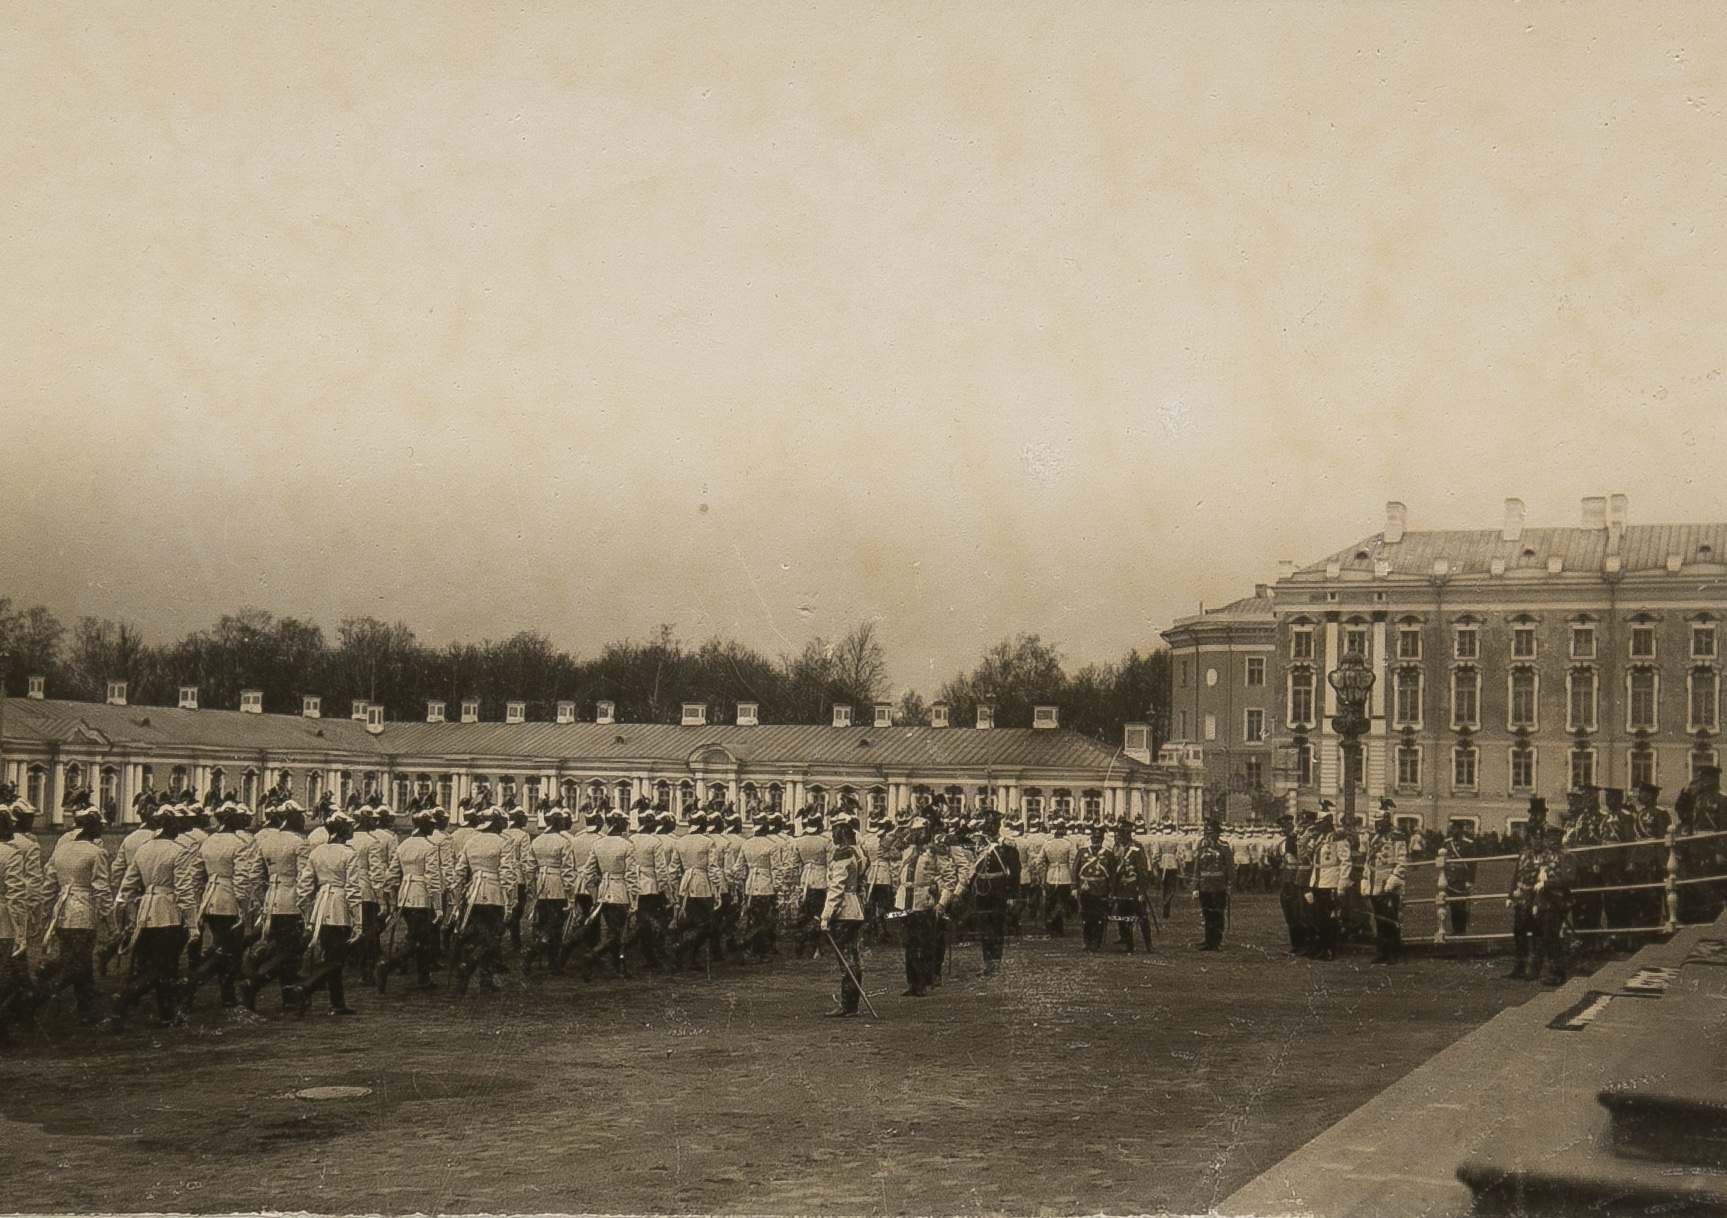 Церемониальный проход Лейб-гвардии Кирасирского Его величества полка в Царском Селе